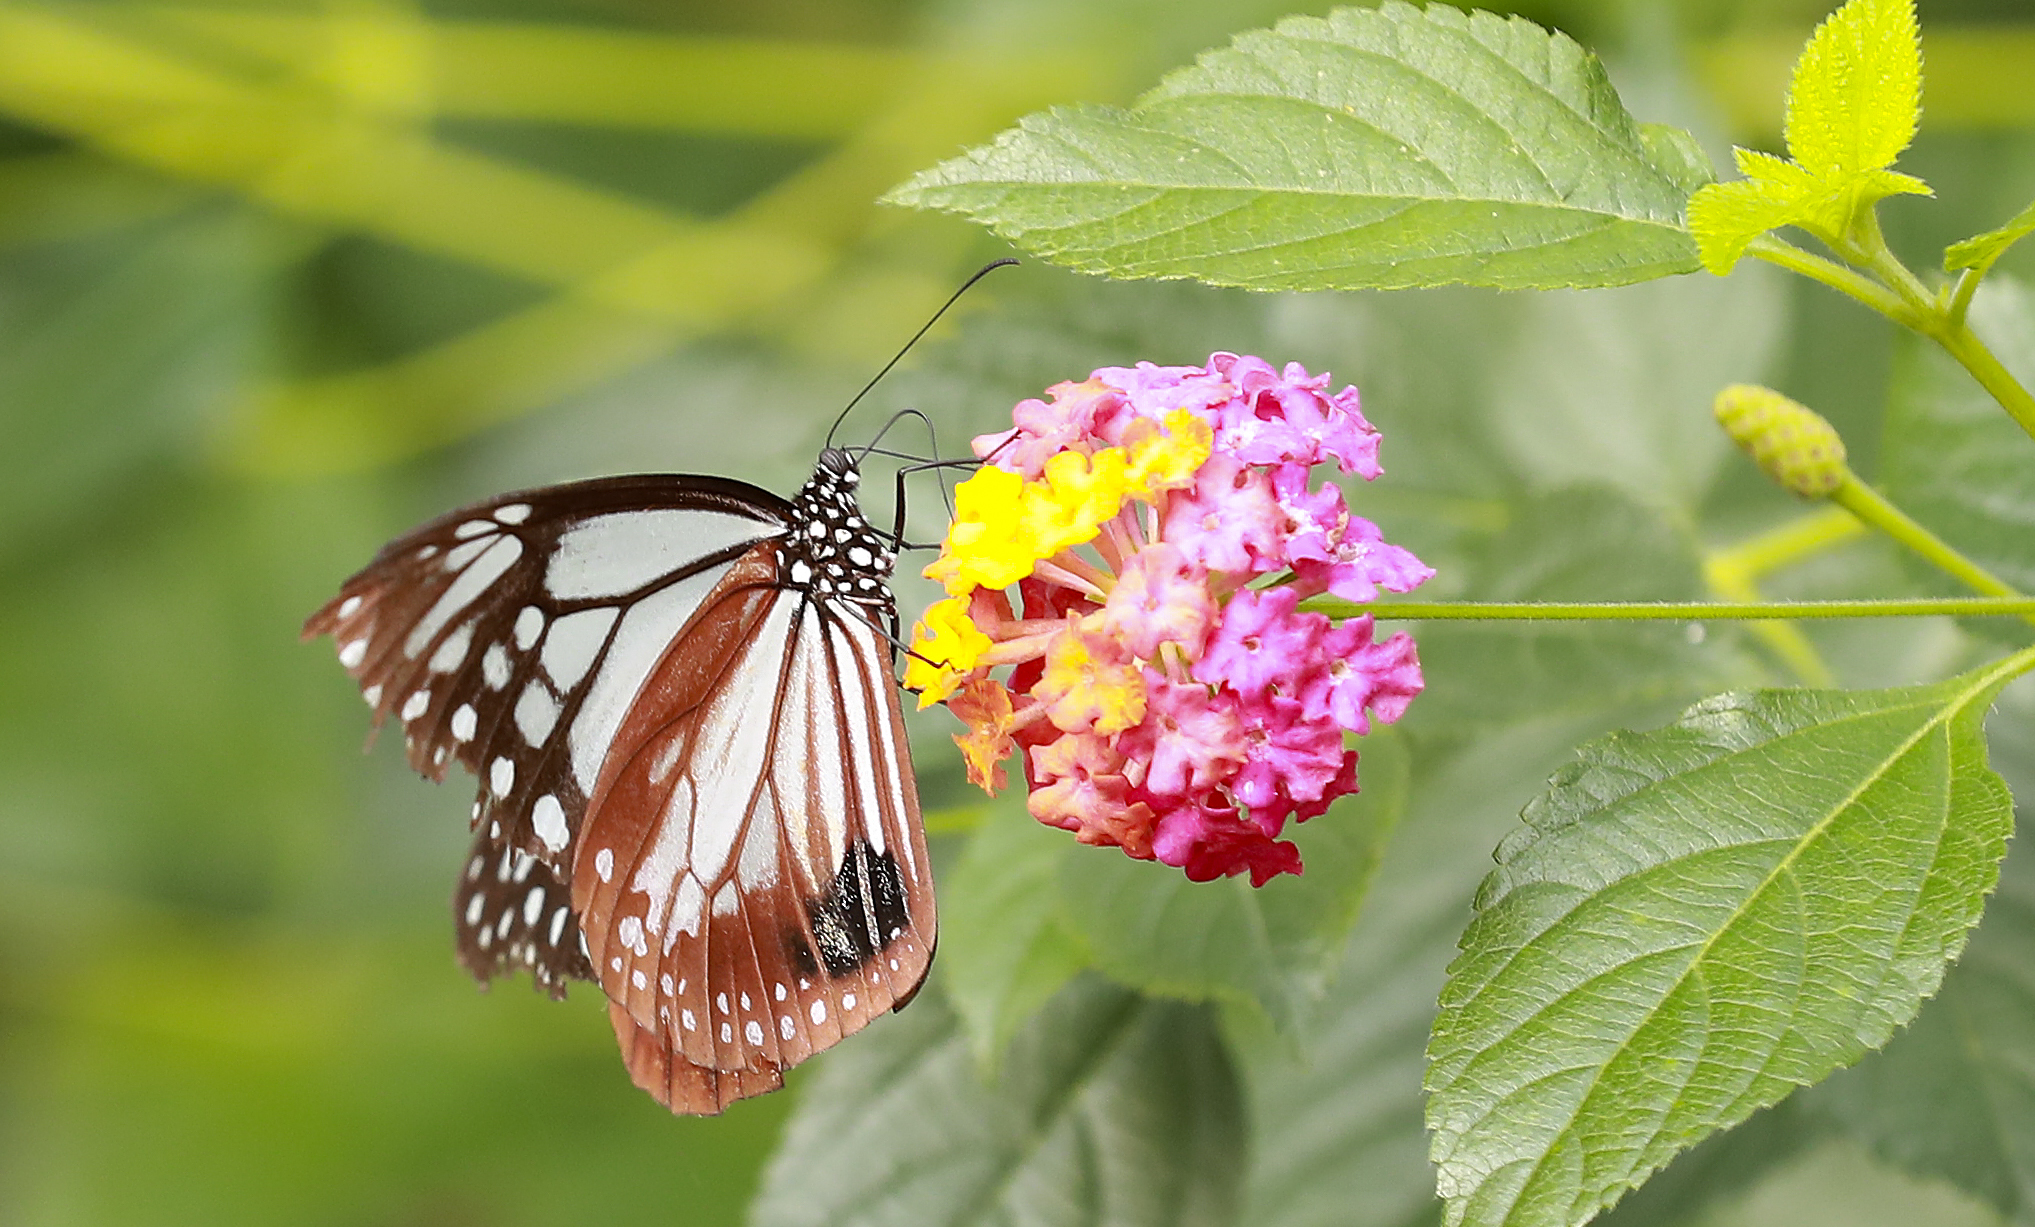 왕나비가 21일 오전 경기도 가평 이화원 나비생태관에서 꿀을 먹고 있다. 임현동 기자